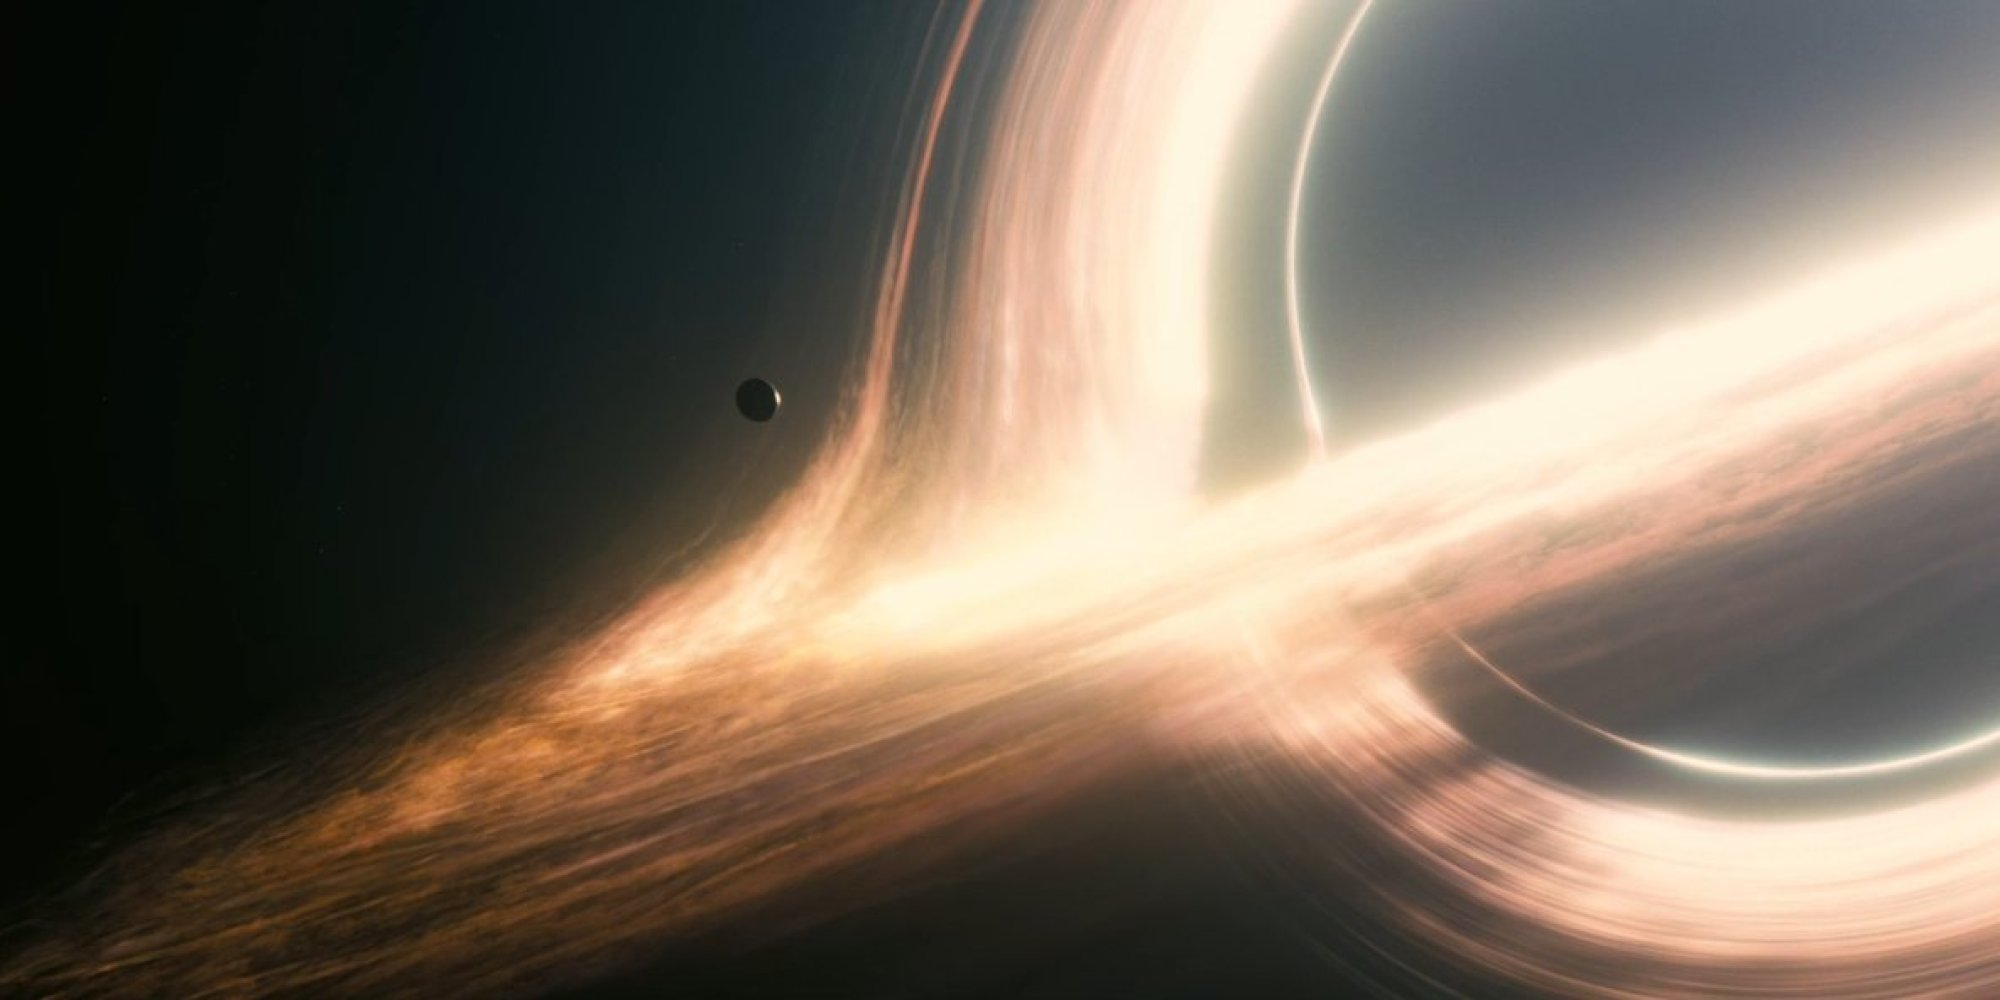 ecco il buco nero di almeno venti/trenta minuti che ha fagocitato almeno due tre scene della prima parte del film (ricostruito in 3d dal Cern)